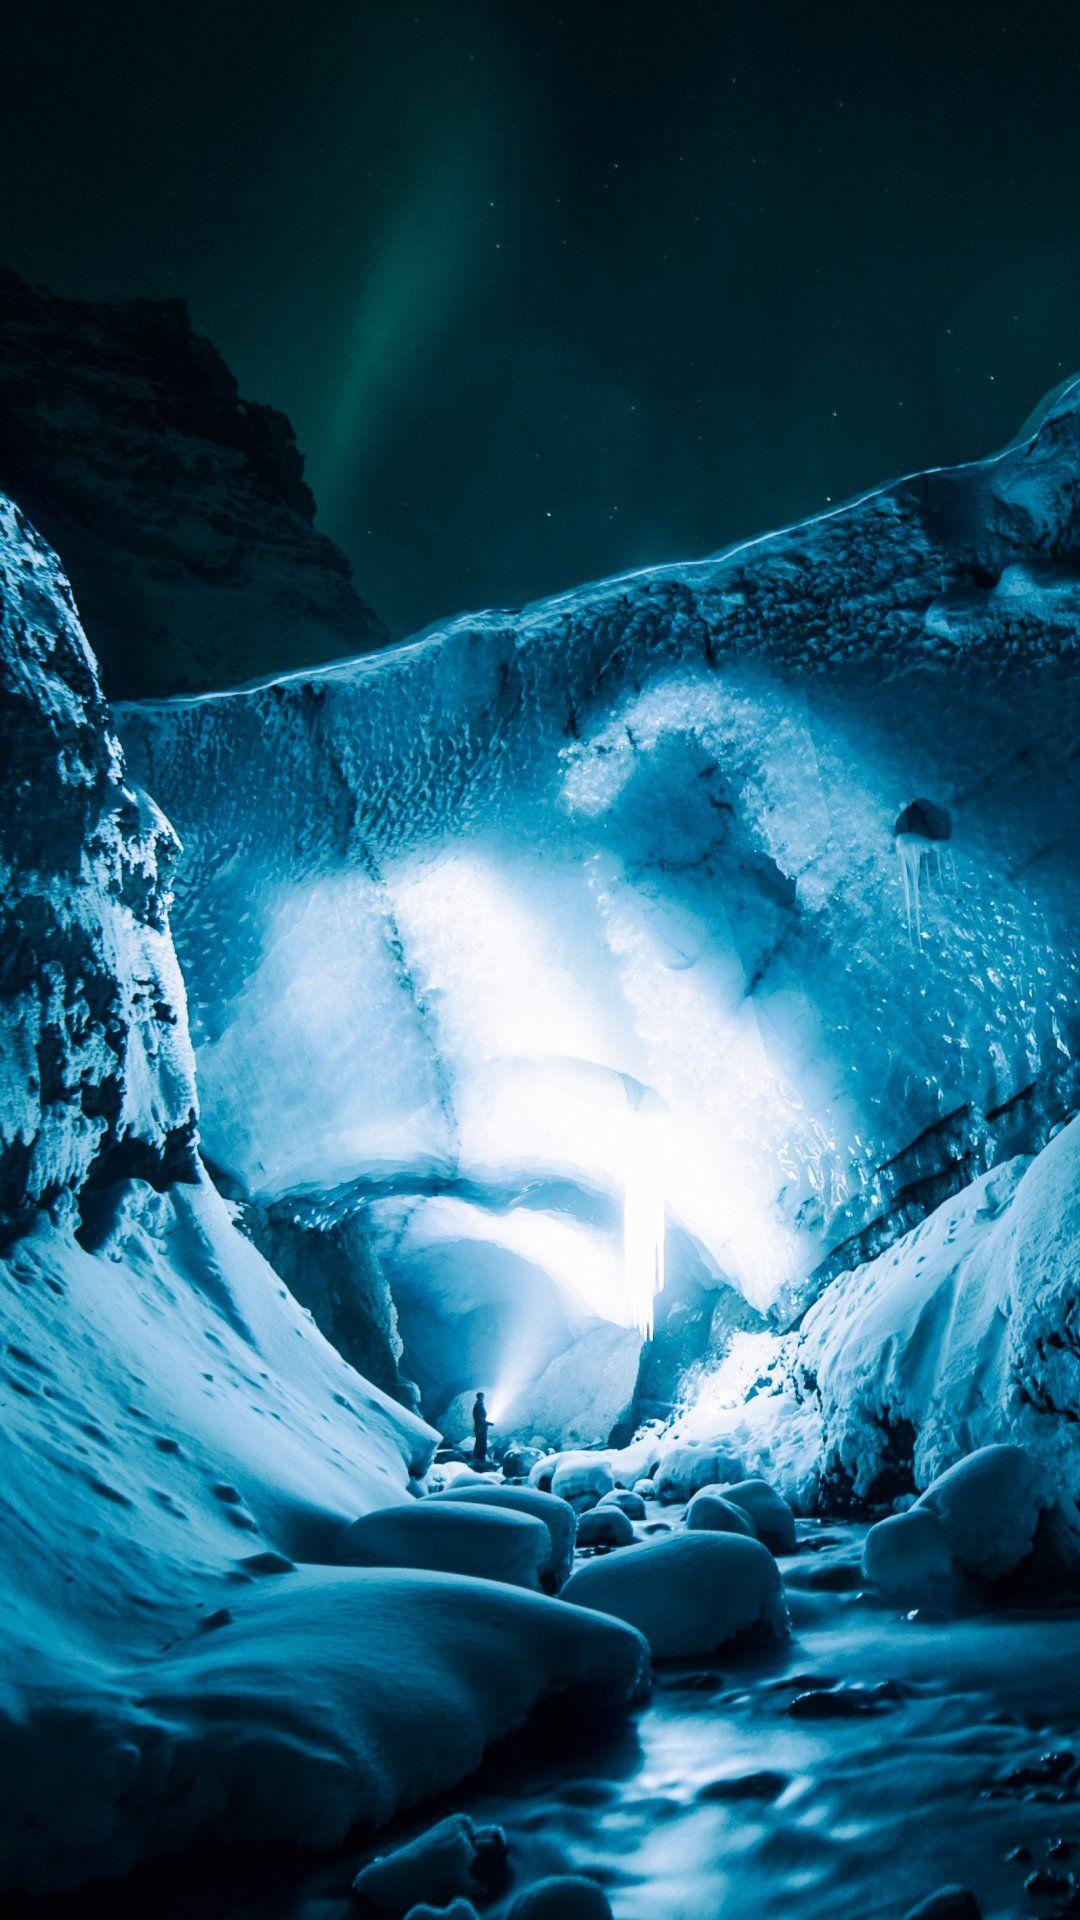 Ice Cave 4k